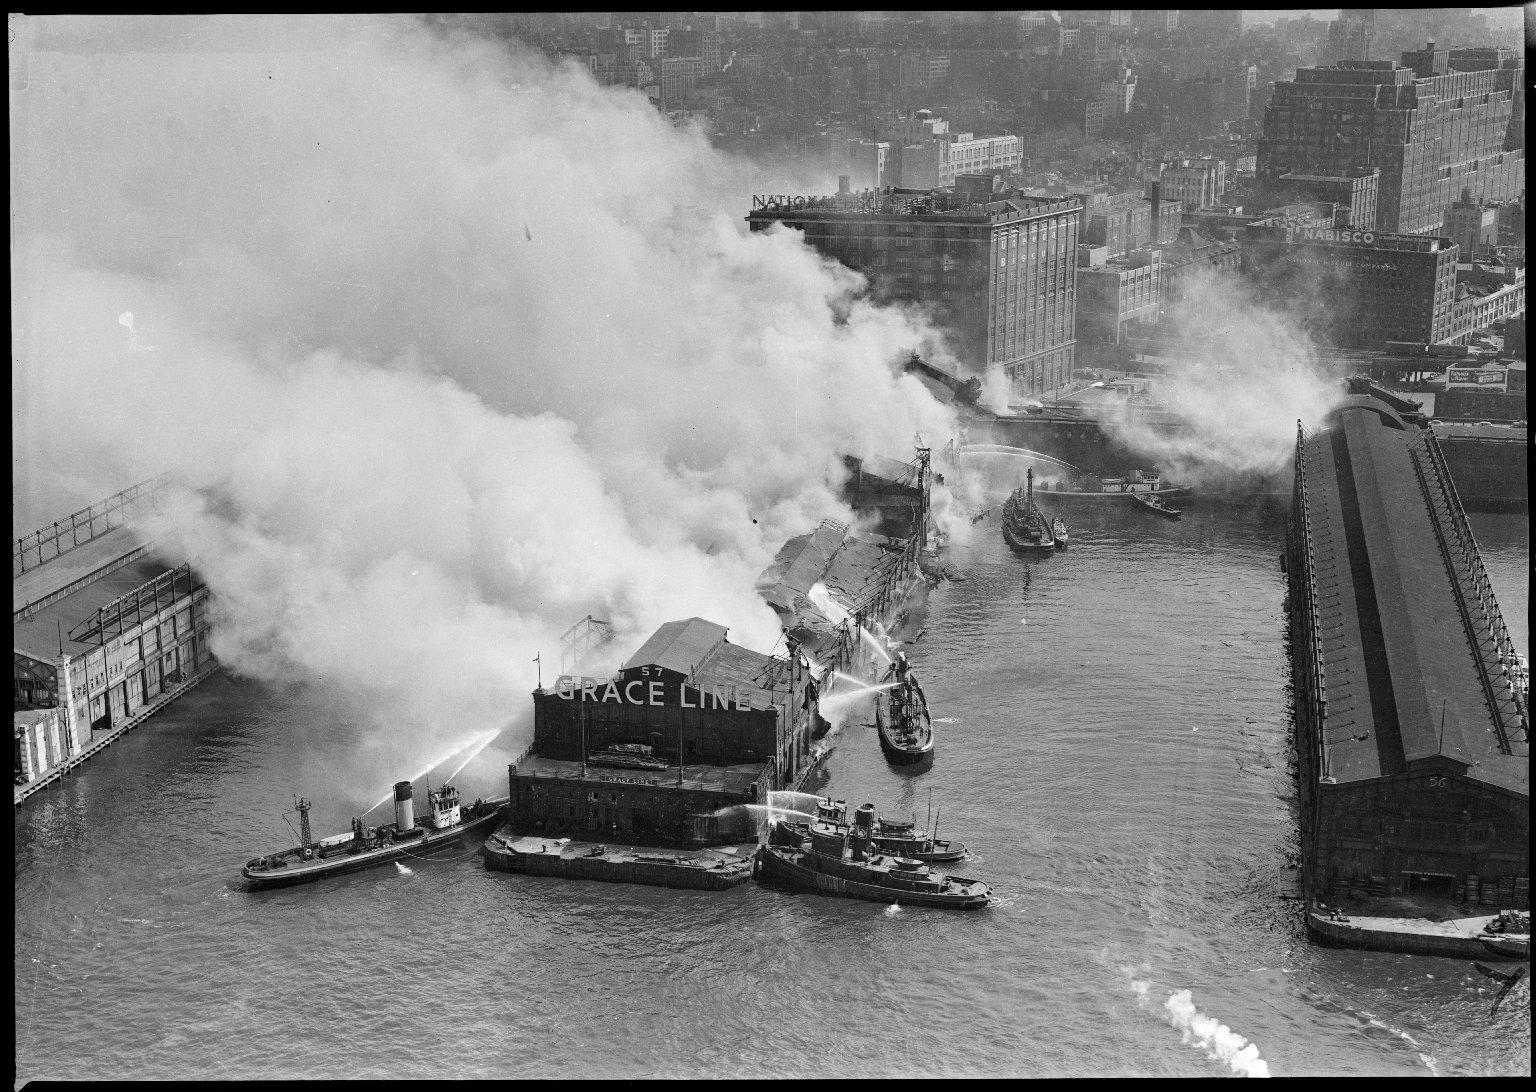 Пожар на пирсе. Нью-Йорк, США. 1930-е